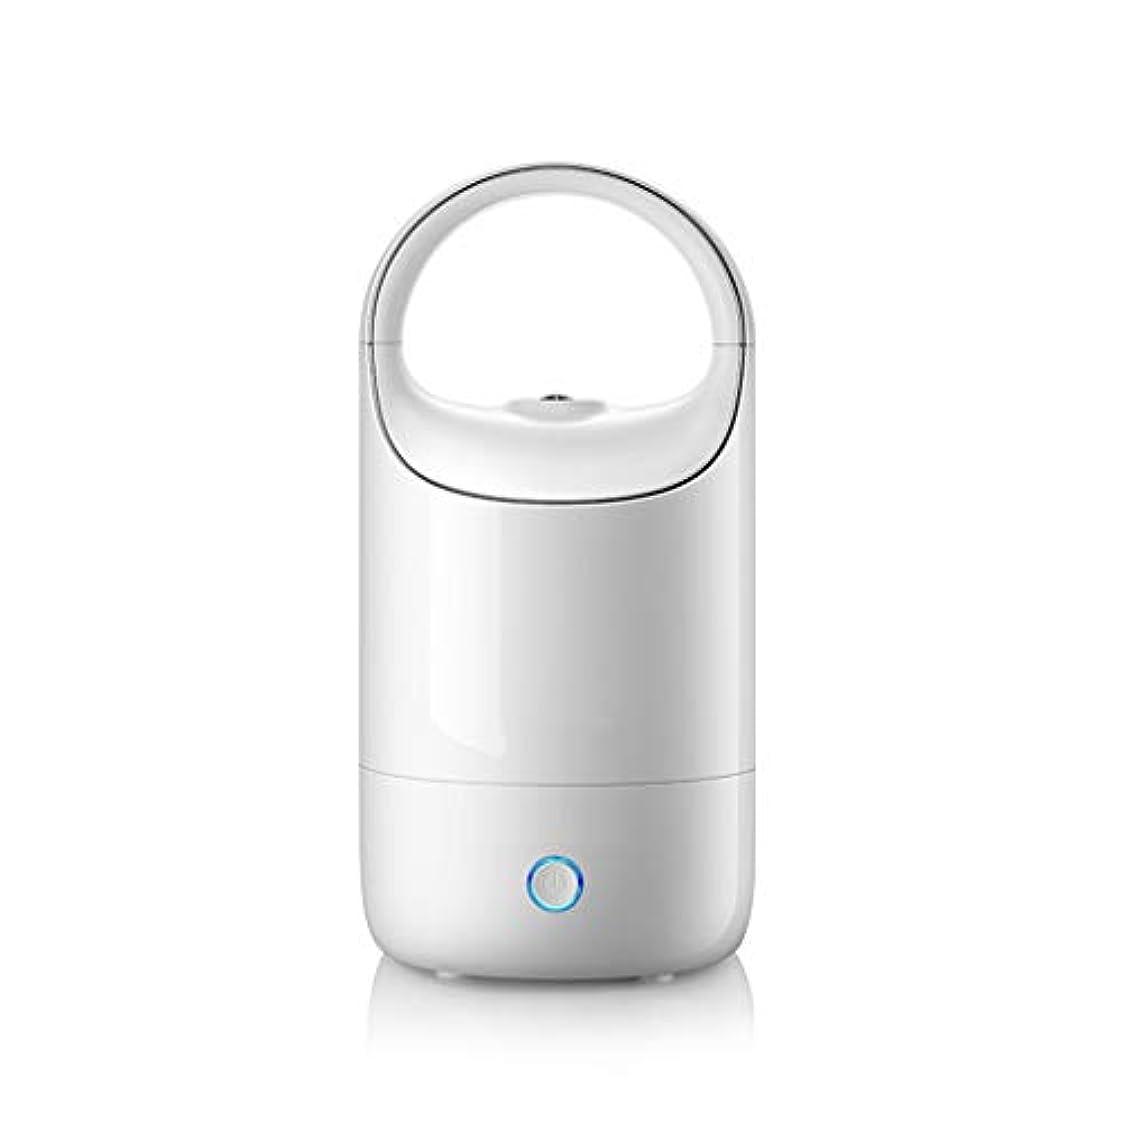 想像力豊かな腹部さておき空気加湿器ホームサイレント寝室妊婦赤ちゃん空気霧大容量ディフューザー (Color : White)